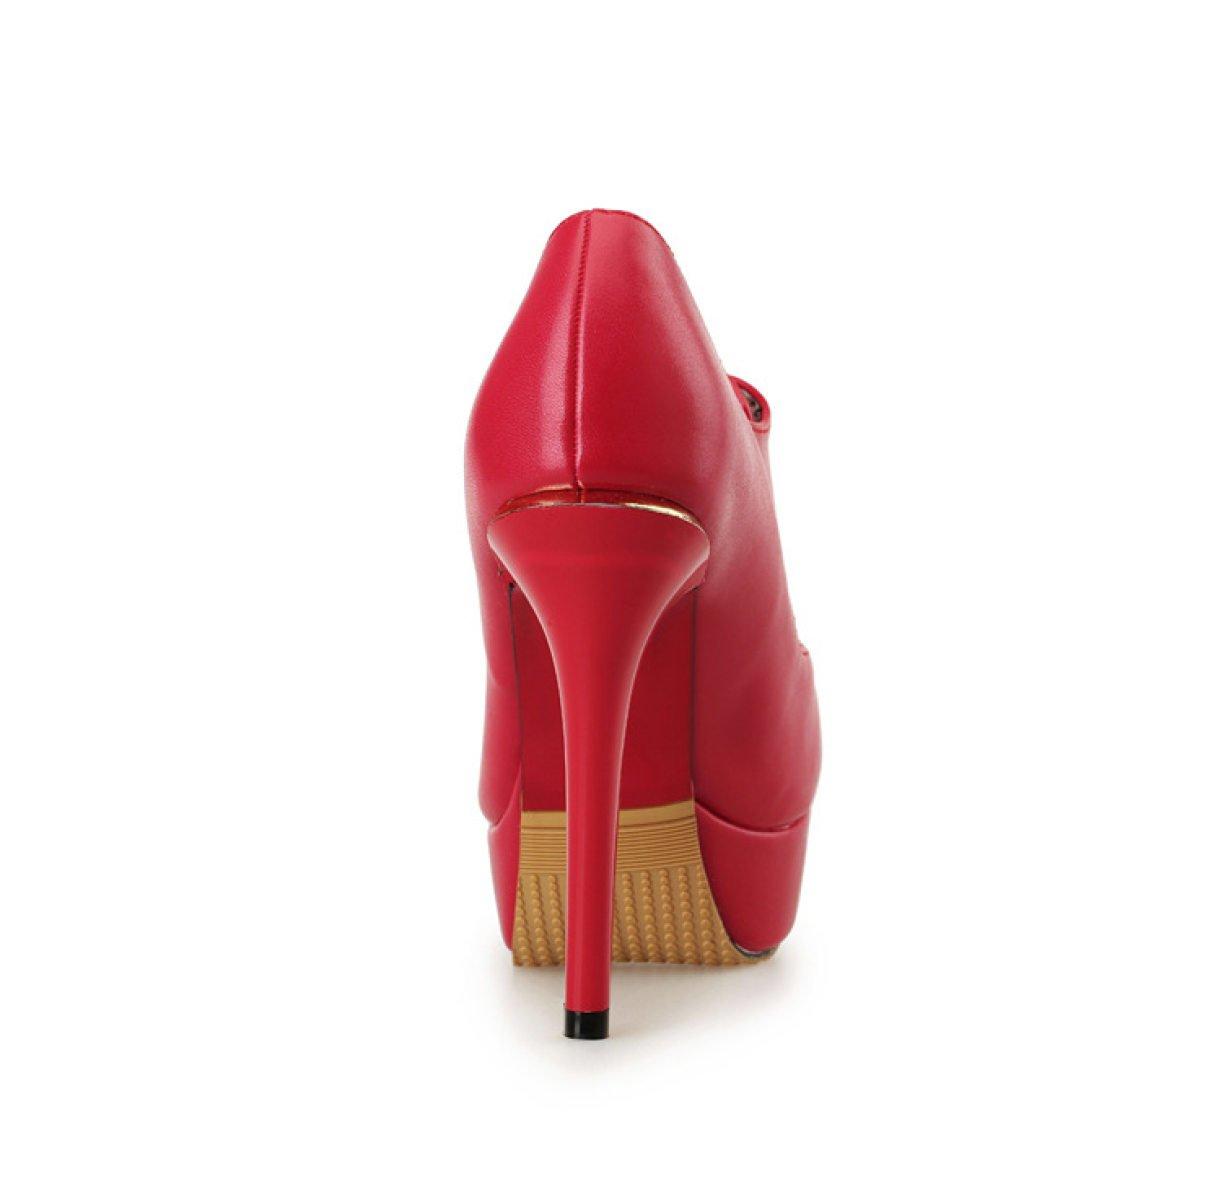 Frauen High Heels Wasserdichte Plattform Runde ROT Kopf Lederschuhe (12cm) ROT Runde 2ade41